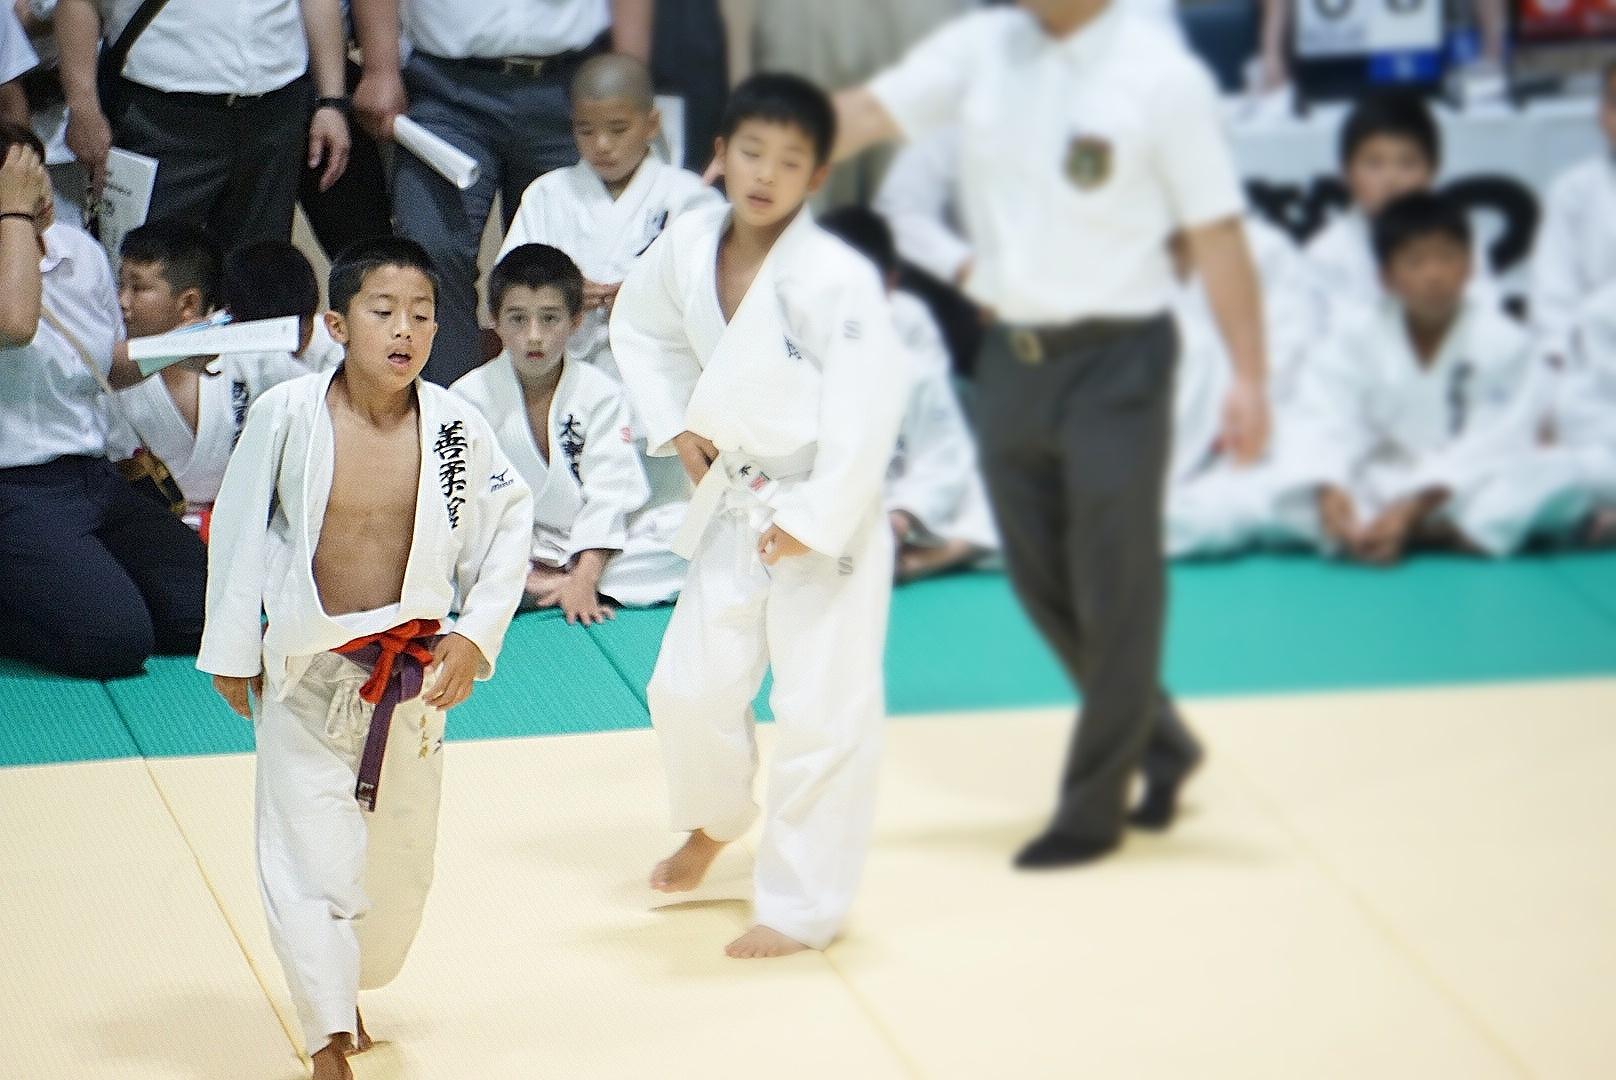 2019 福岡県少年柔道選手権大会_b0172494_20060697.jpg